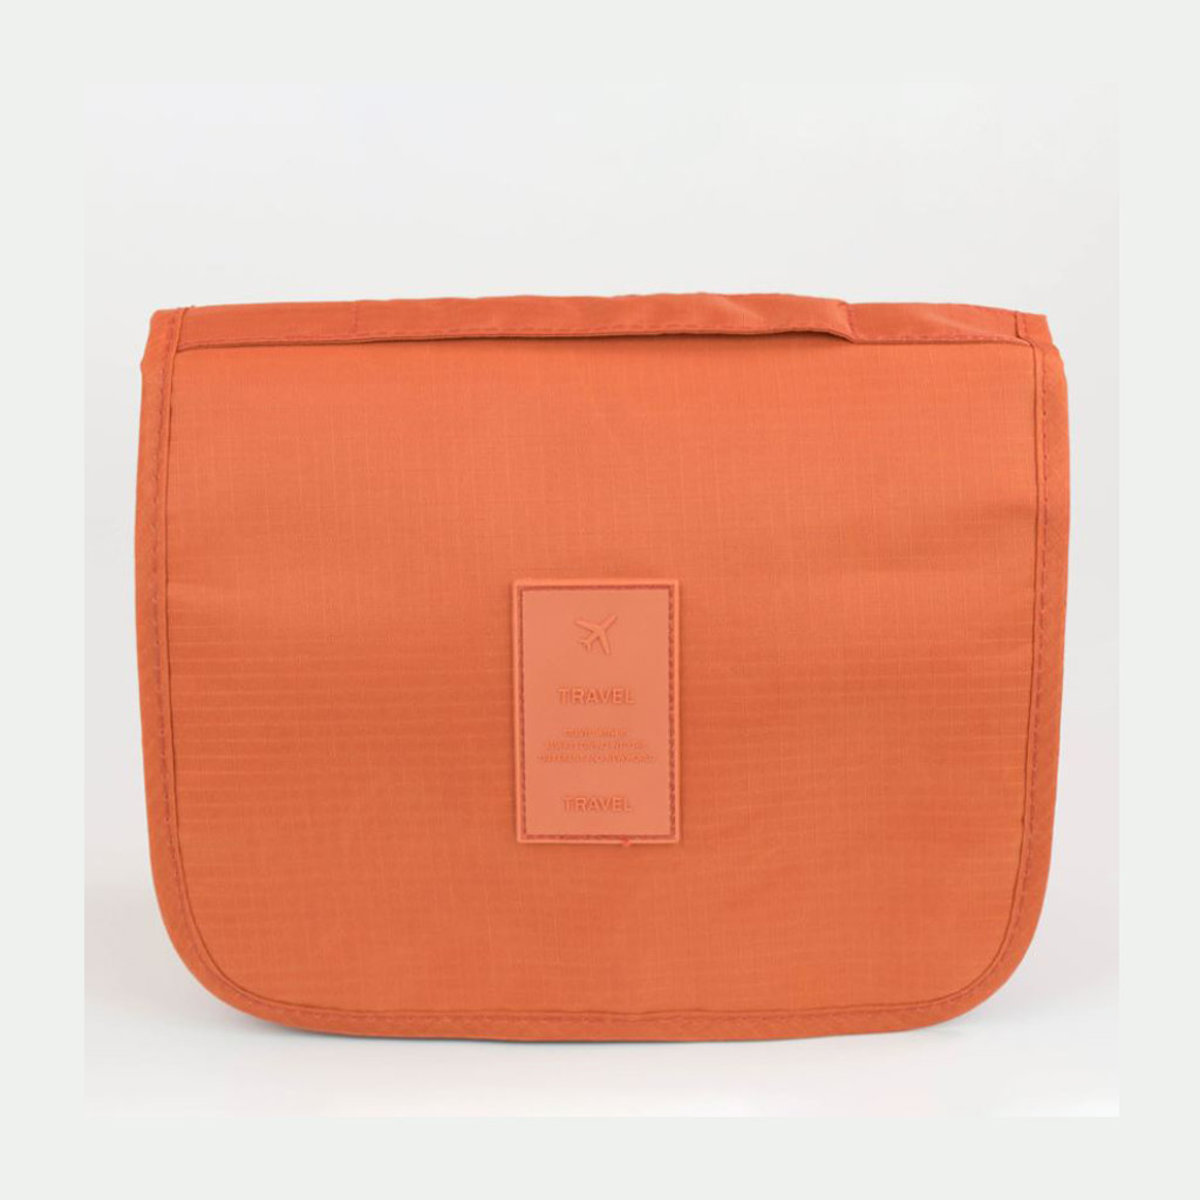 旅行懸掛折疊式旅行收納包洗漱包化妝包 橙色